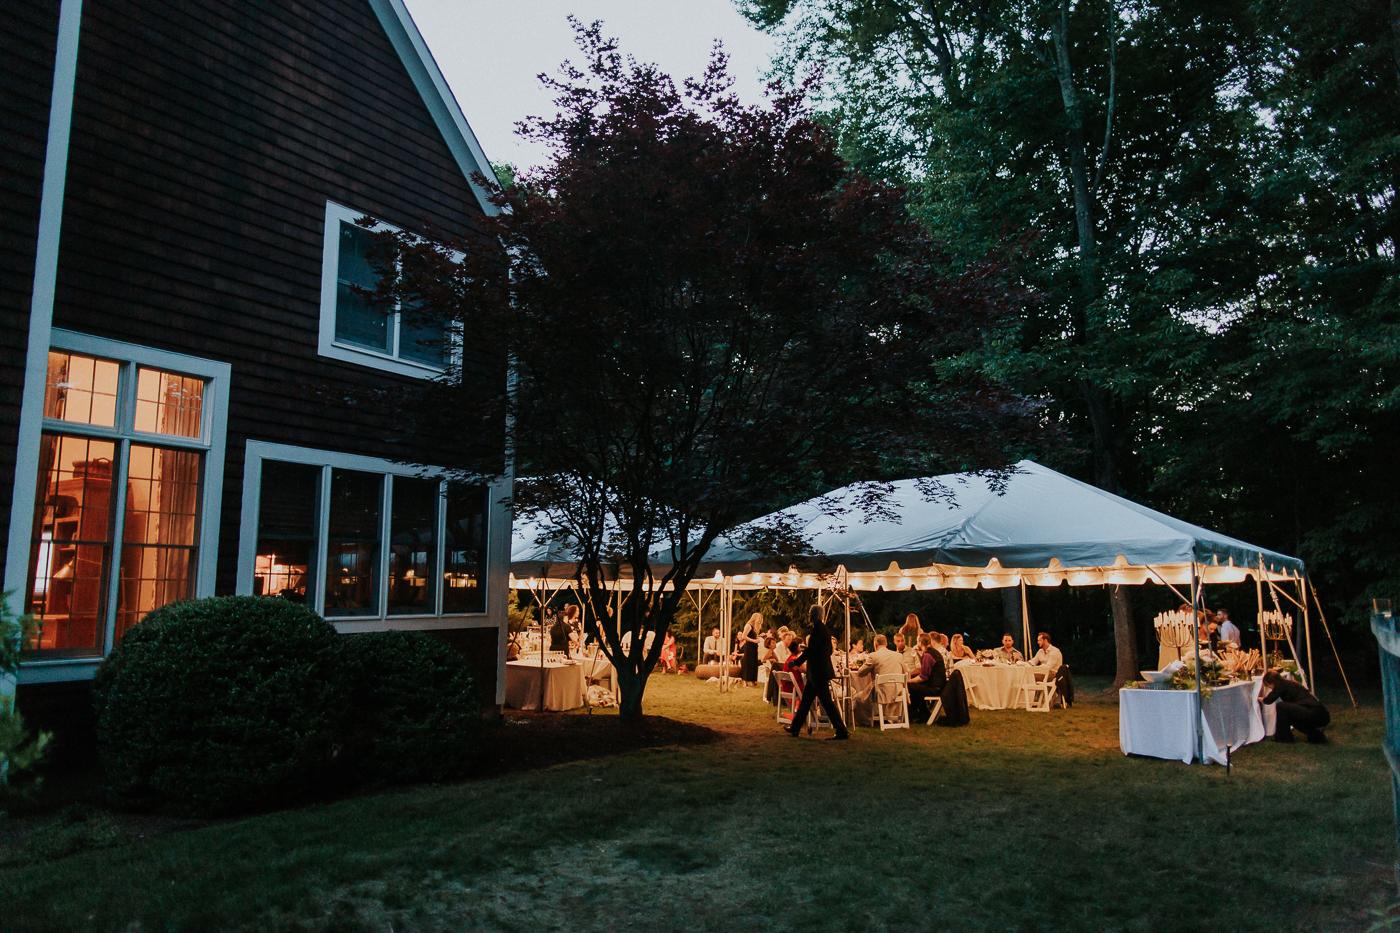 Westchester-New-York-Intimate-Backyard-Garden-Documentary-Wedding-Photographer-40.jpg